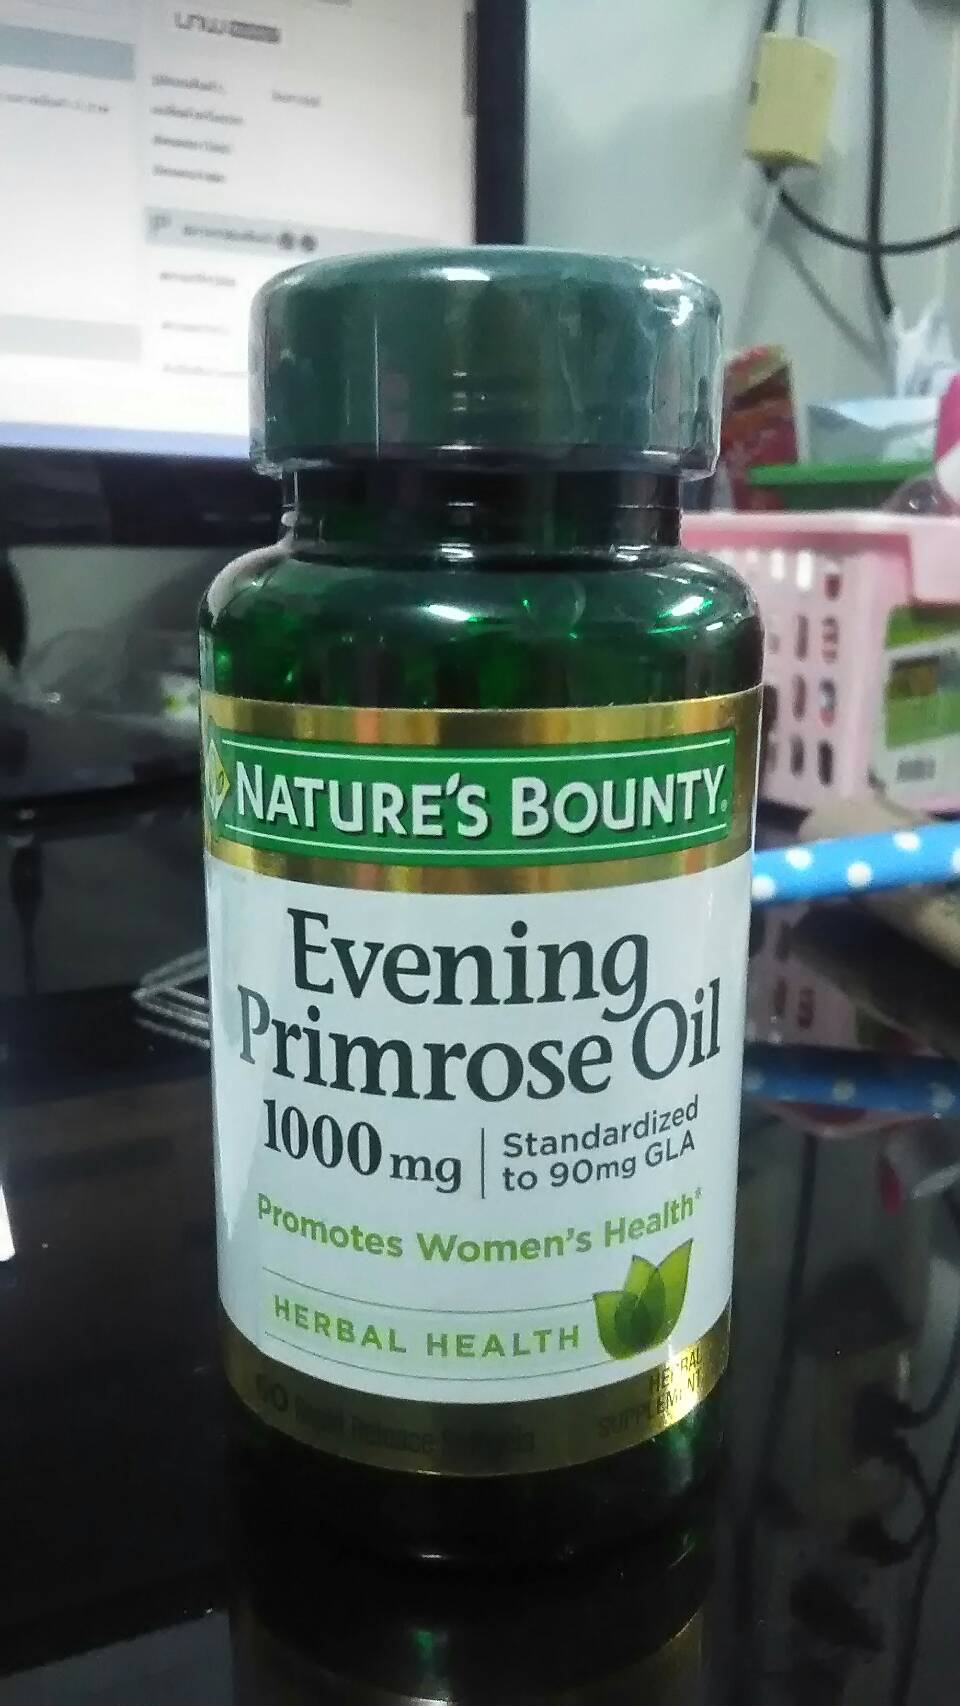 พร้อมส่งค่ะ nature's bounty evening primrose oil 1000 mg 60 softgels